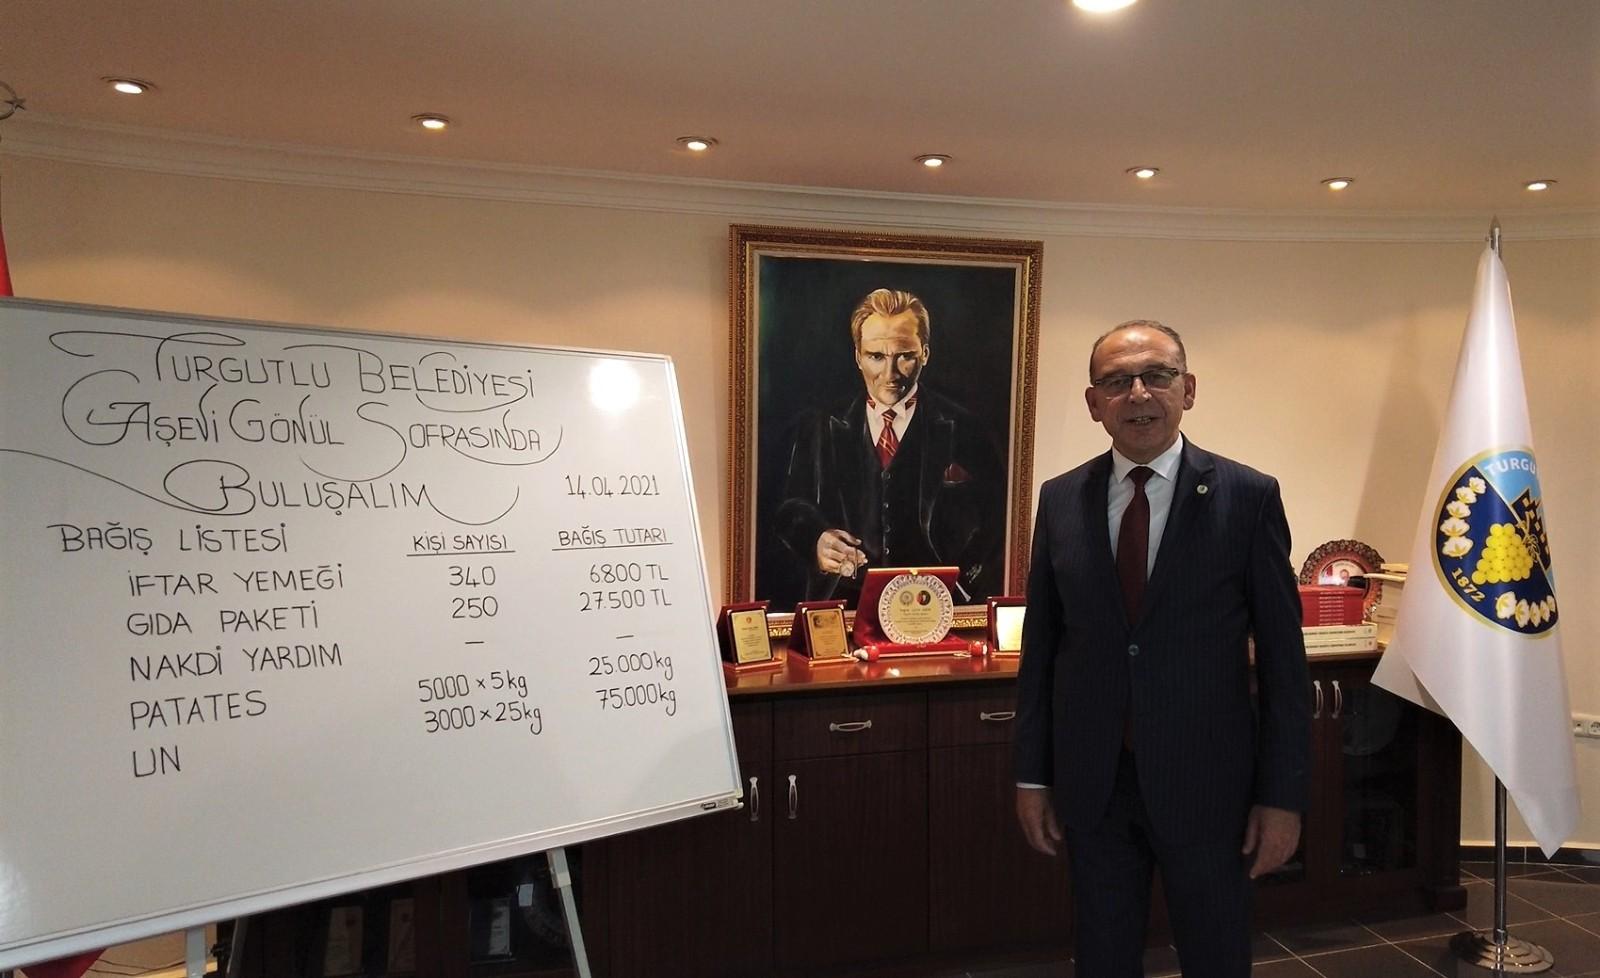 Turgutlu Belediyesi hayırseverler ile ihtiyaç sahiplerini buluşturacak